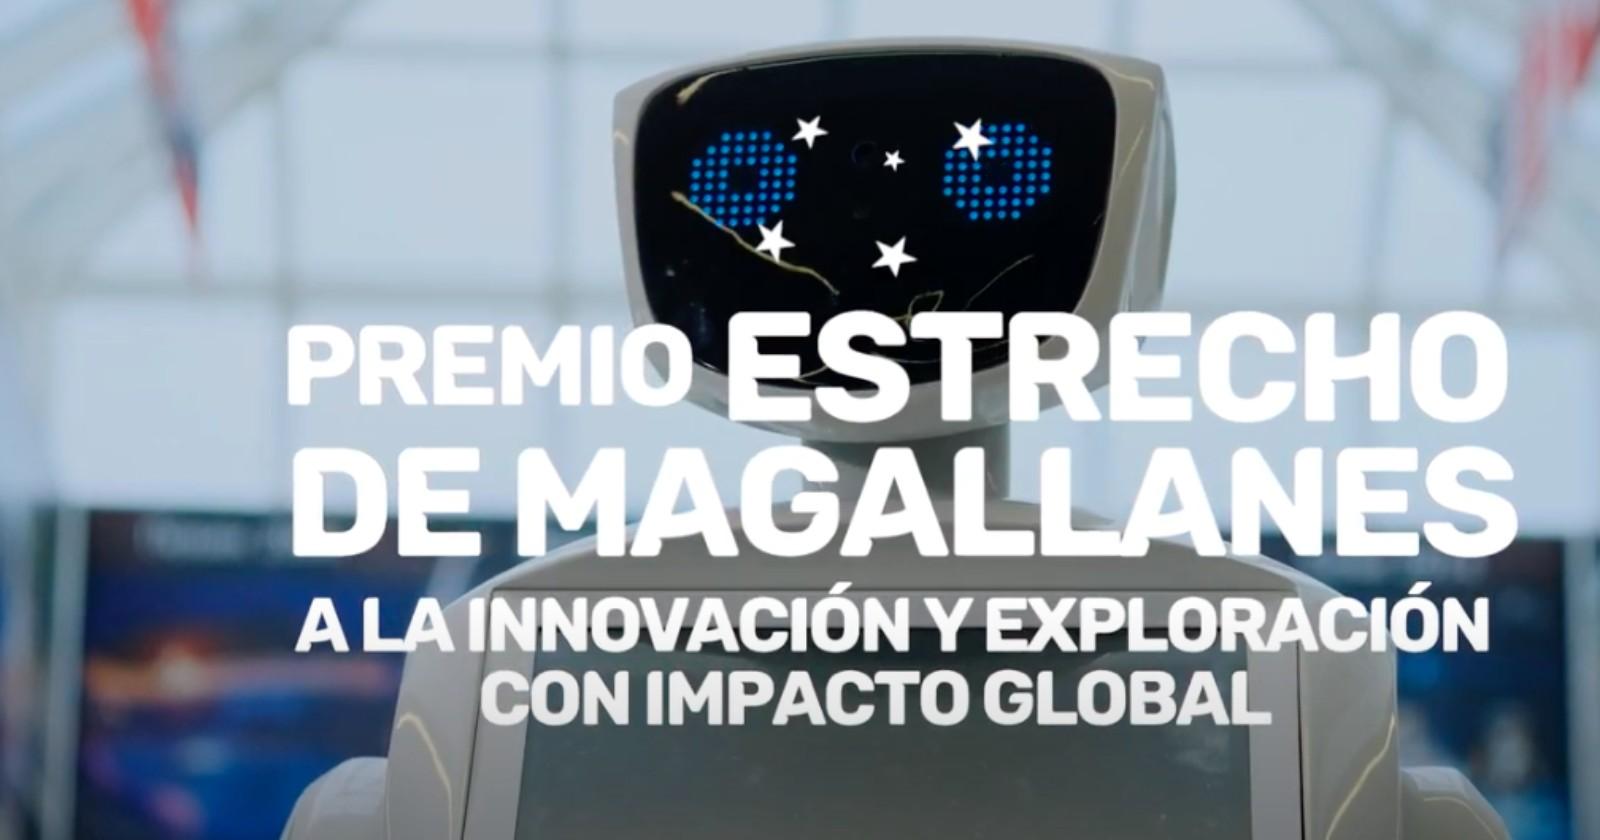 Premio Imagen de Chile busca lanzar las mejores innovaciones nacionales